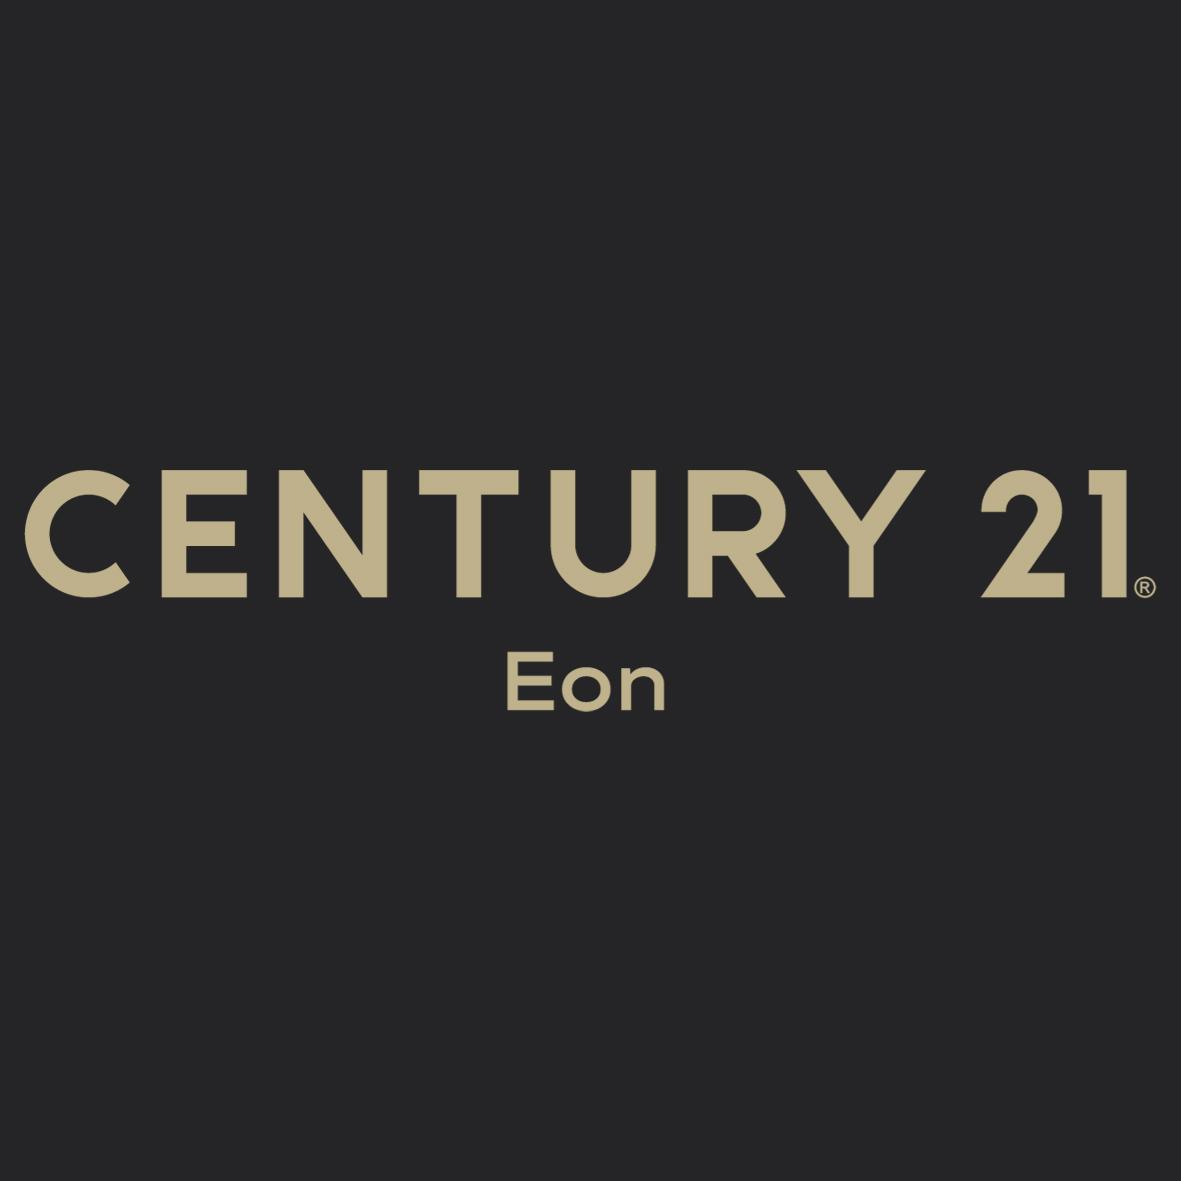 CENTURY 21 Eon